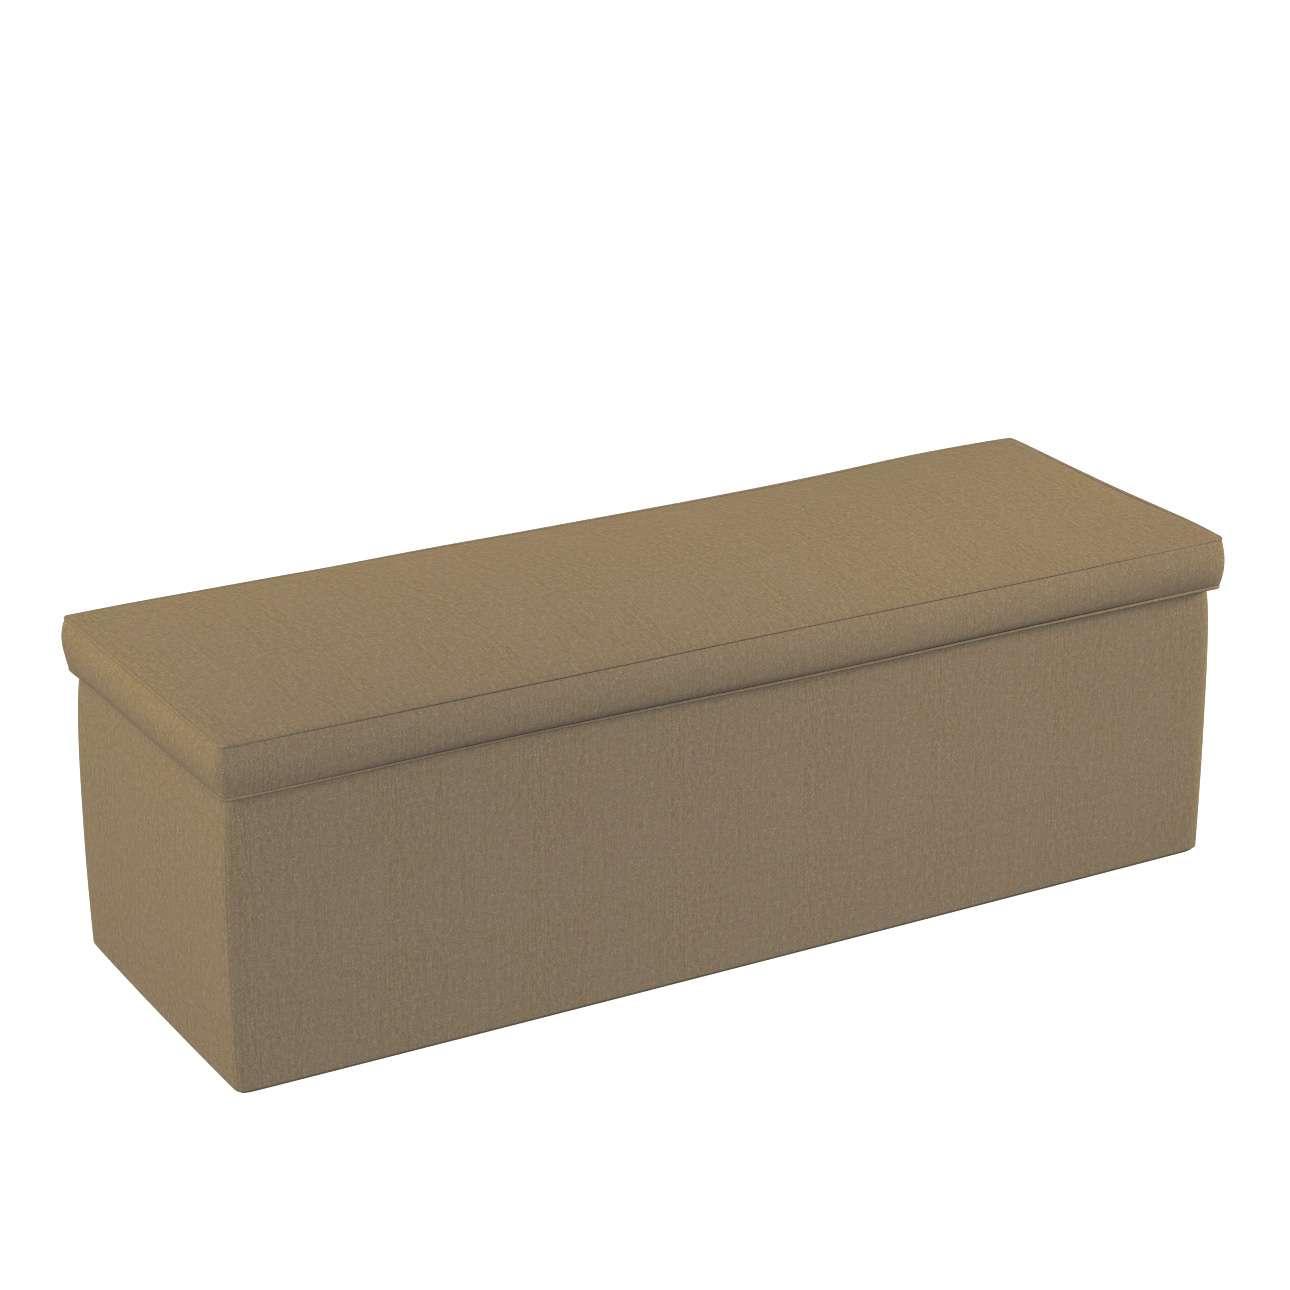 Čalouněná skříň s volbou látky - 2 velikosti v kolekci Chenille , látka: 702-21